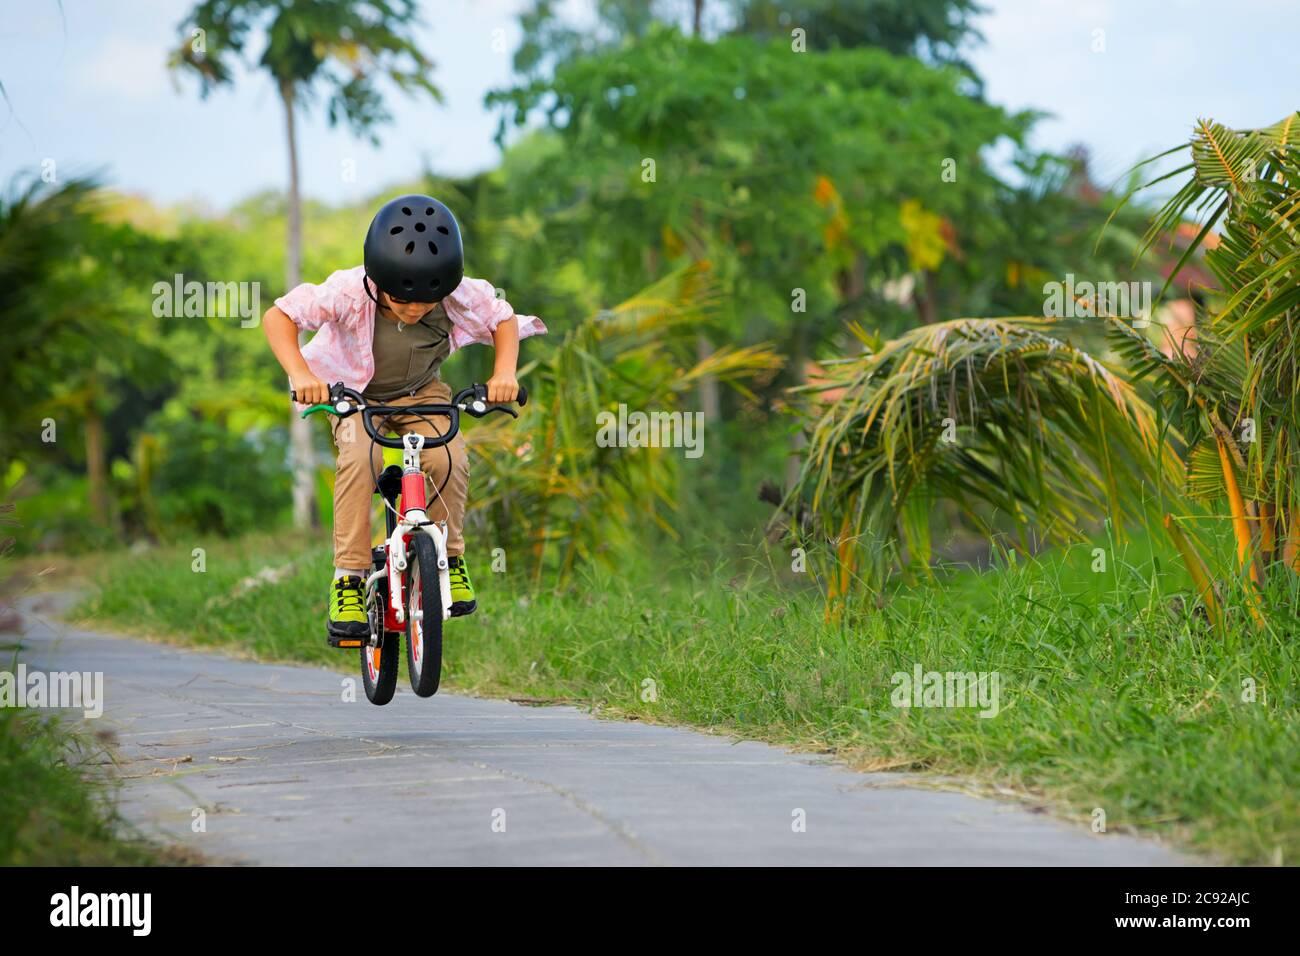 Radfahren auf dem Land. Junge Fahrer Kind in Helm und Sonnenbrille Fahrrad fahren. Glückliches Kind hat Spaß auf leeren Trail. Aktiver Familienleben, Sport, o Stockfoto